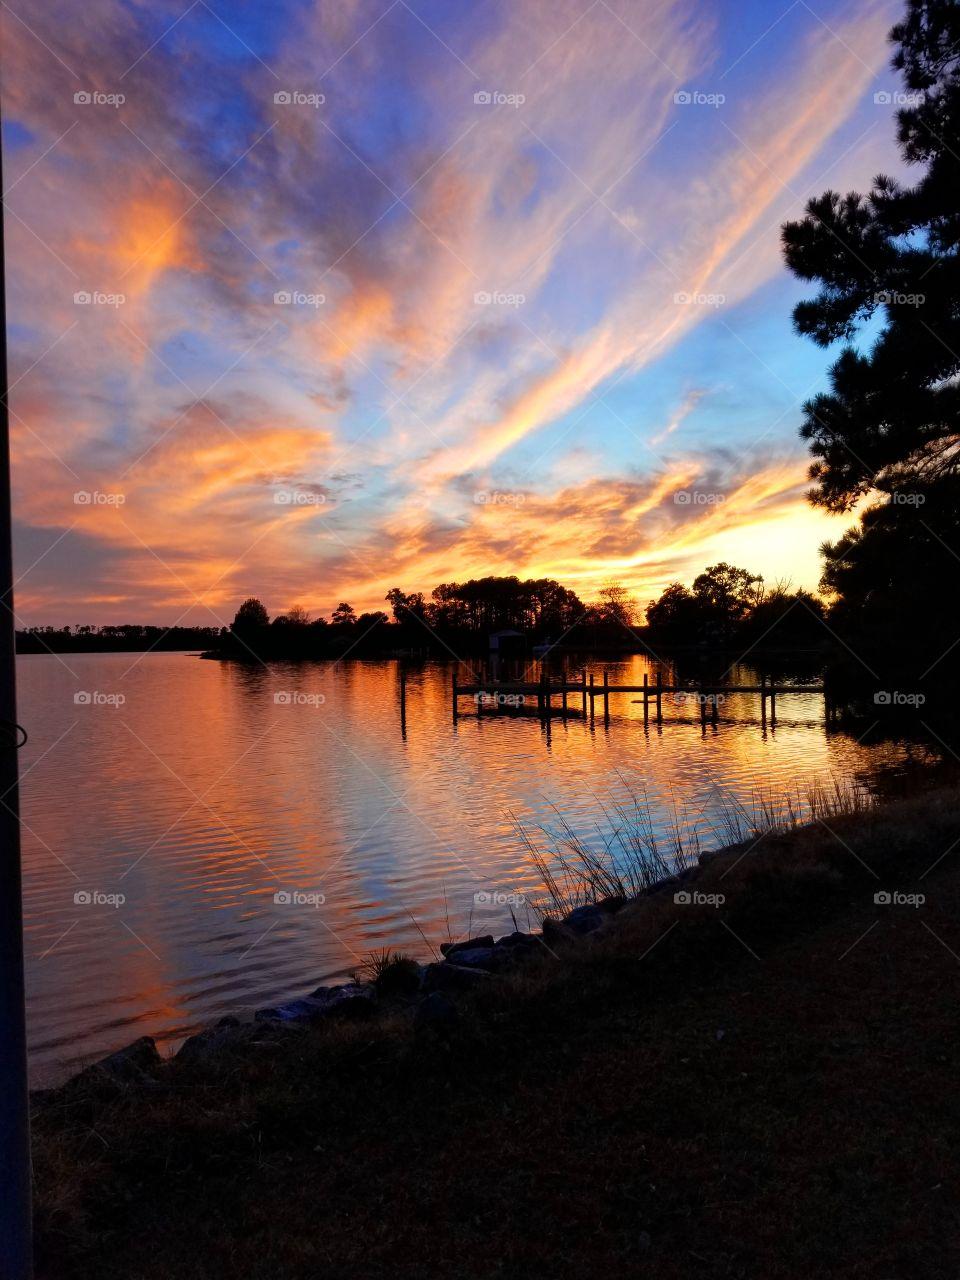 A Gwynn's Island Sunset